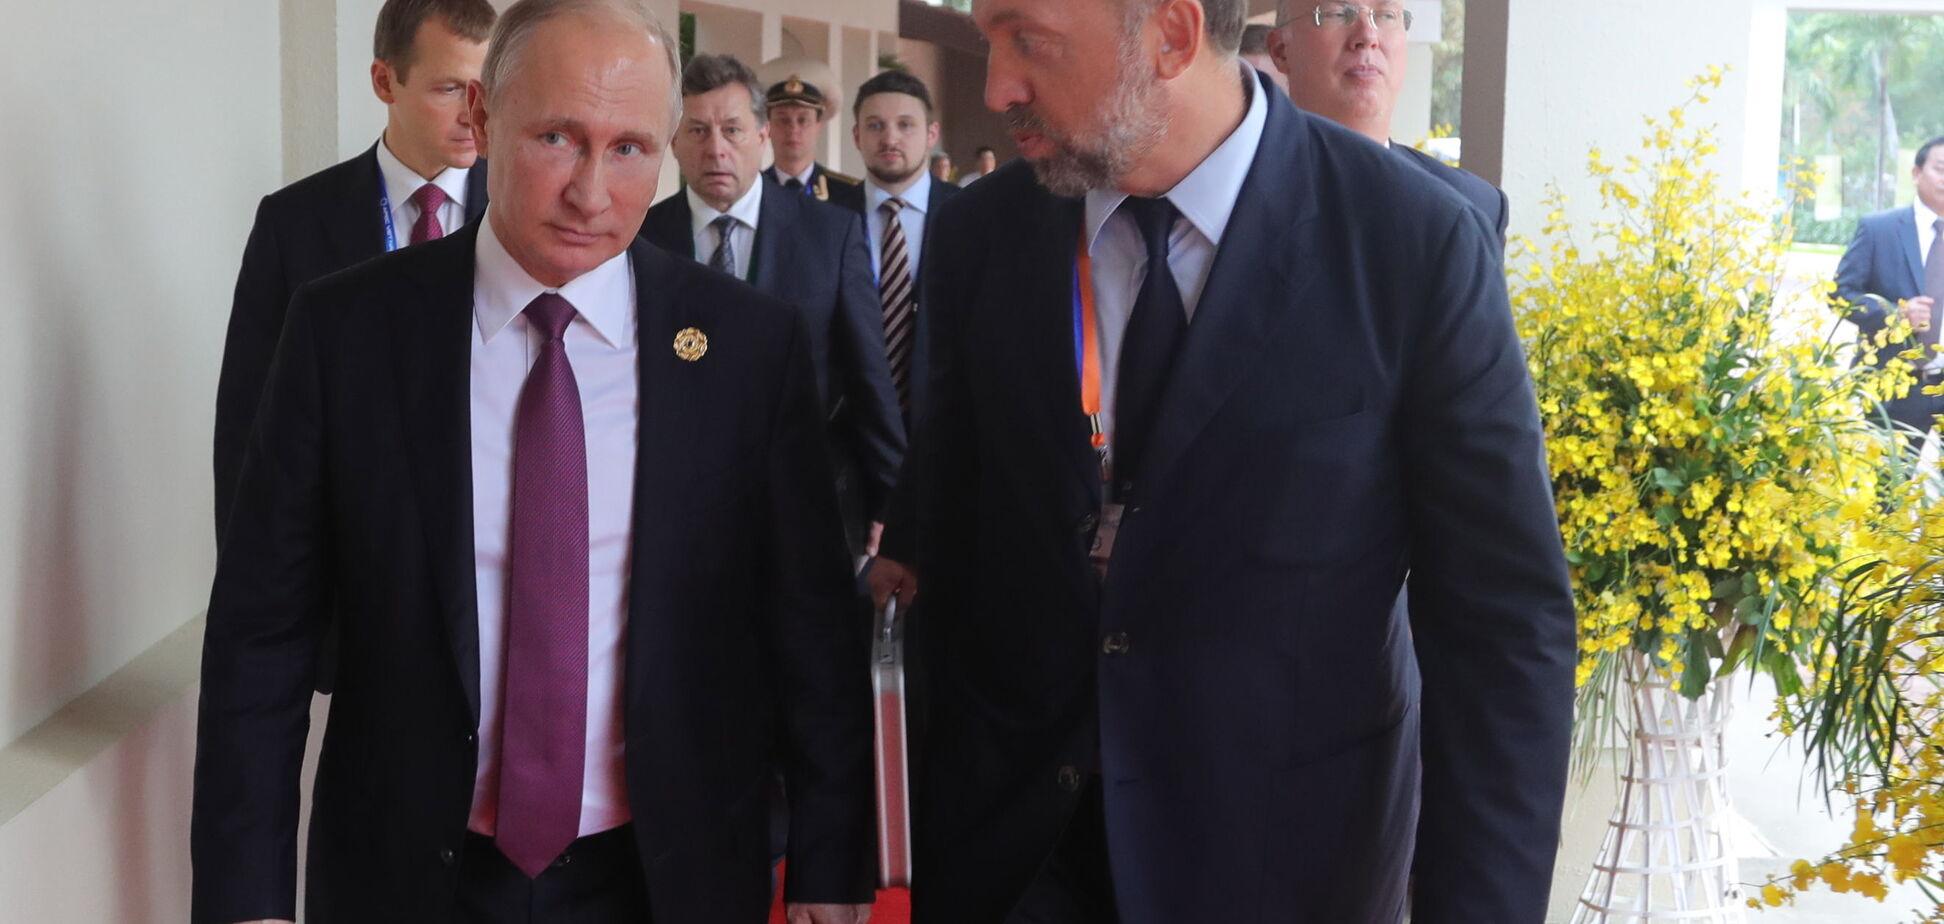 Дерипаска та інші: Україна ввела санкції проти російських олігархів